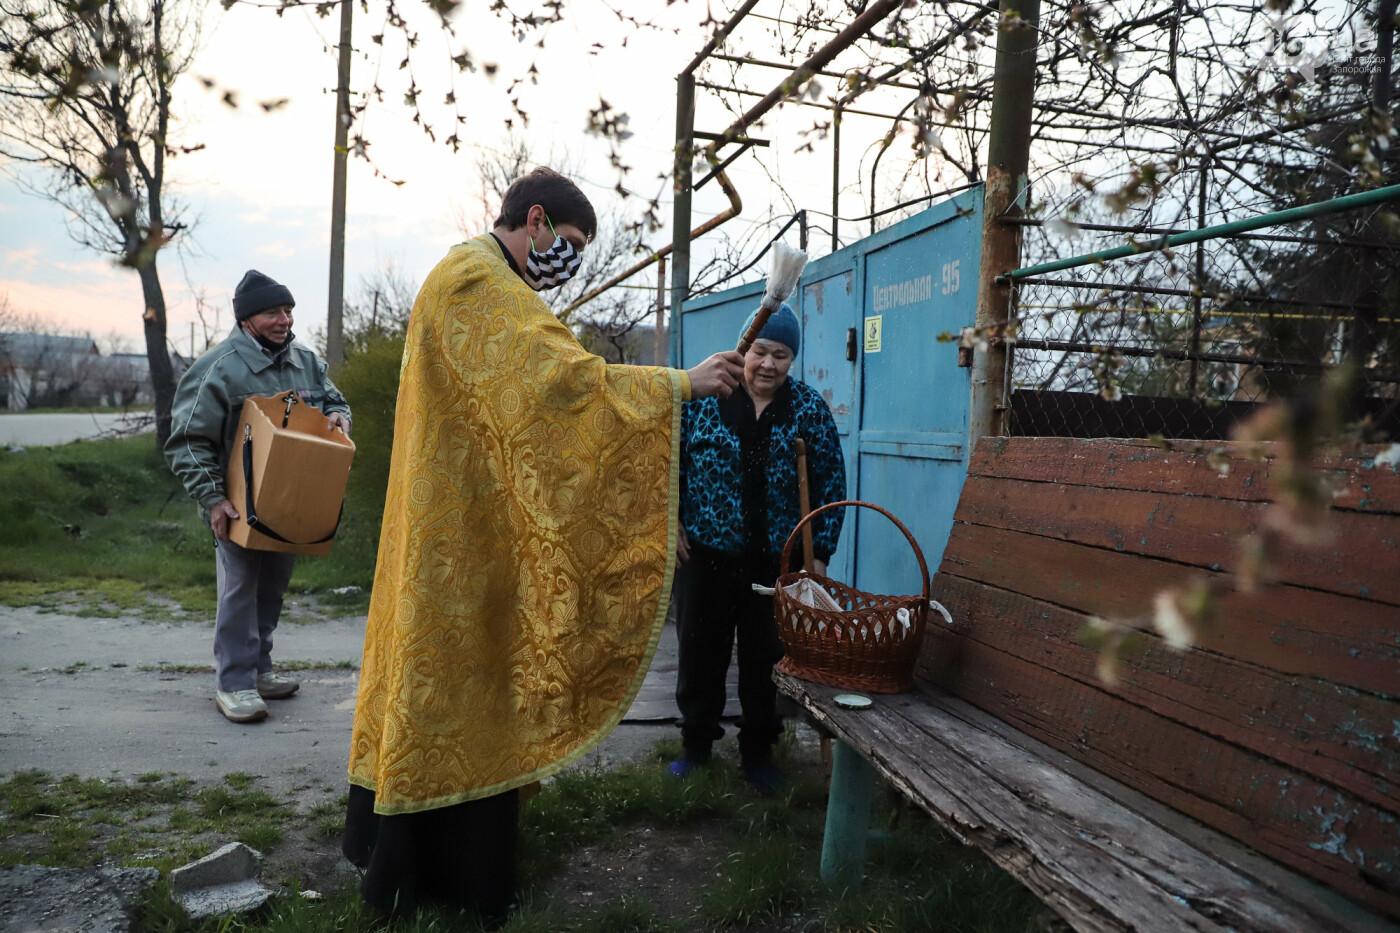 Освящение пасок у дворов на сельских улицах и полицейские возле храмов вместо прихожан: как празднуют Пасху в Запорожье, - ФОТОРЕПОРТАЖ, фото-20